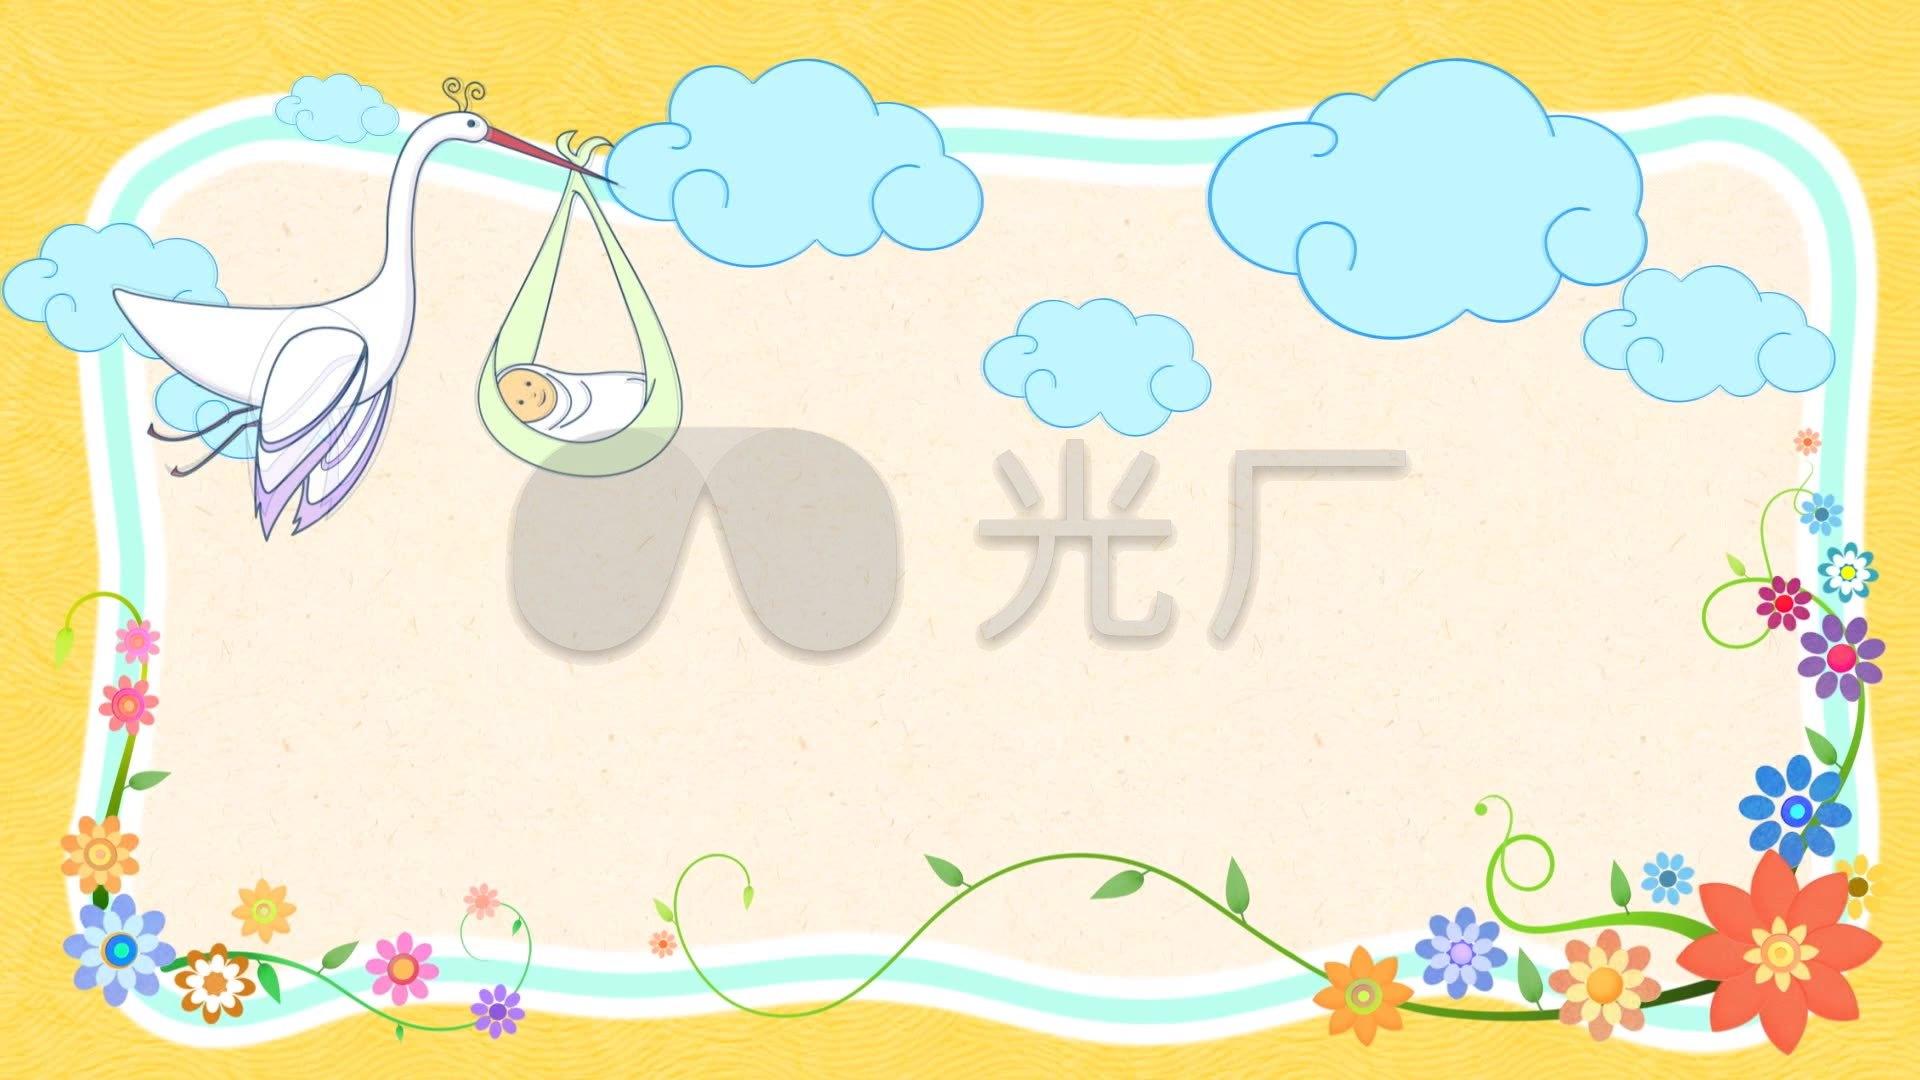 儿童卡通动物世界动态视频素材_1920x1080_高清视频